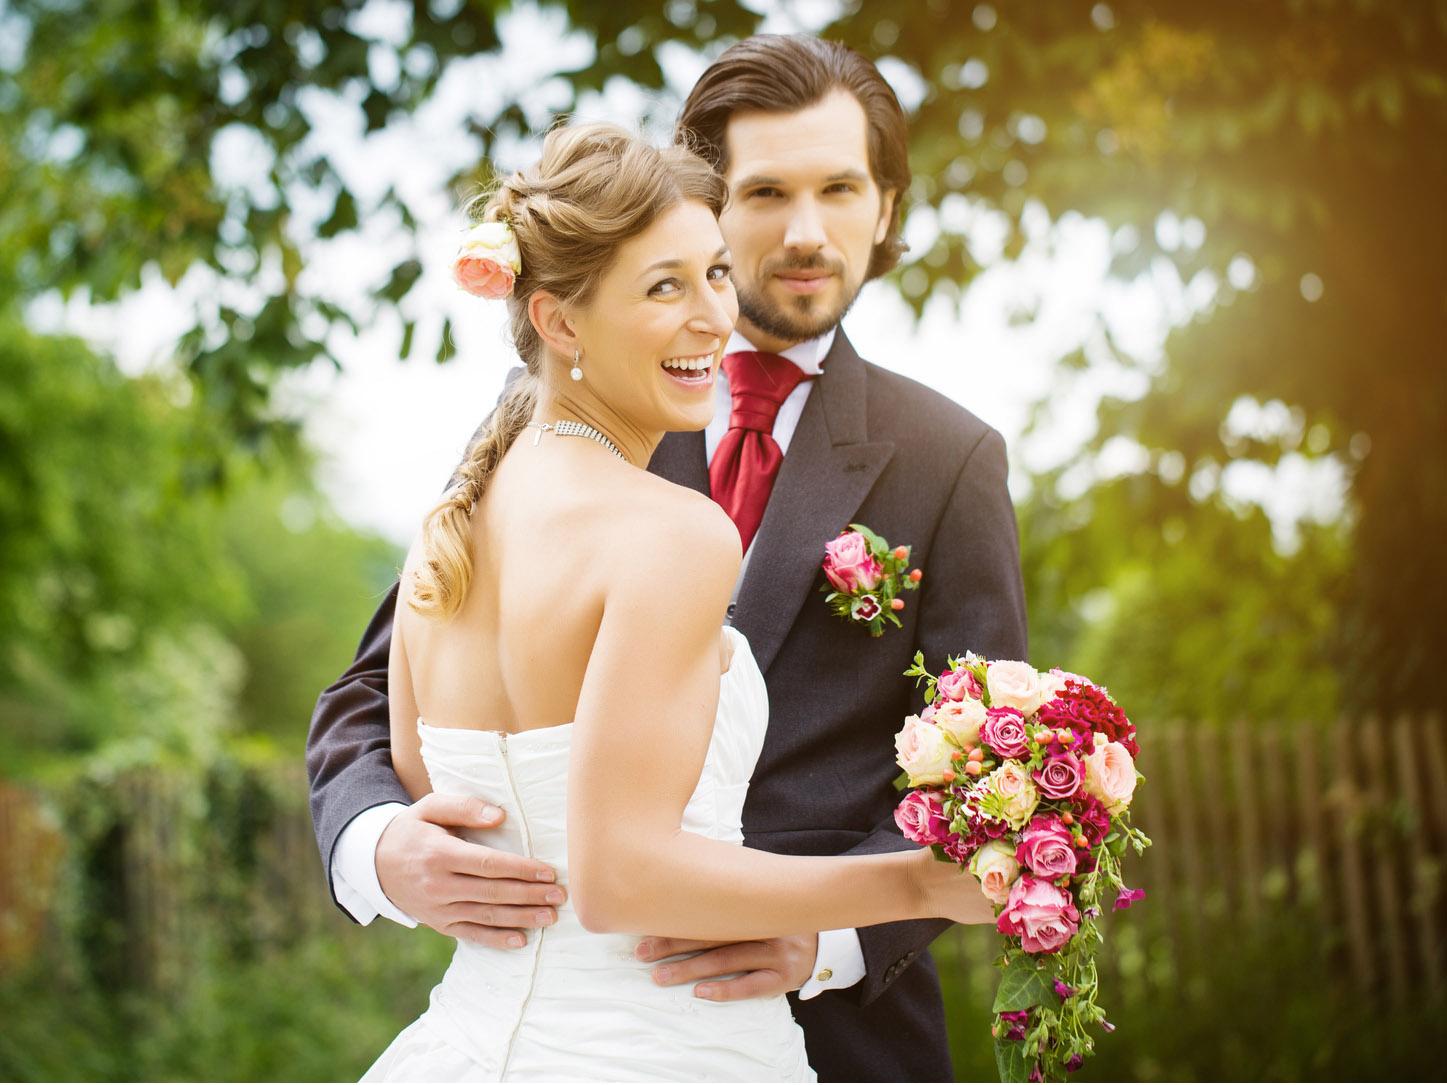 Licenziamento Matrimonio Lavoratore Uomo : Mancata comunicazione del matrimonio al datore di lavoro